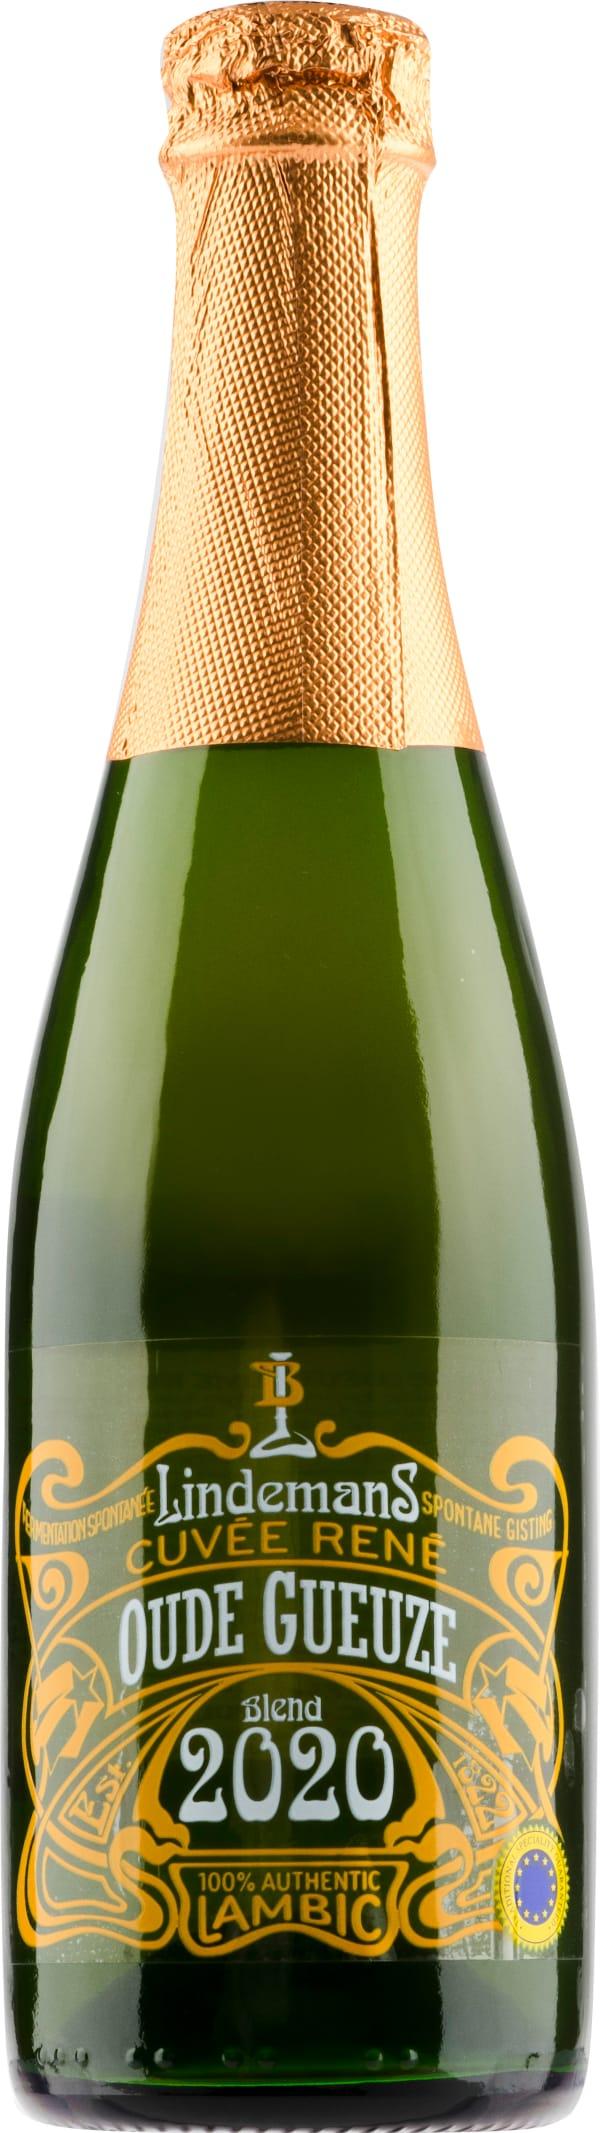 Lindemans Oude Gueuze Cuvée René